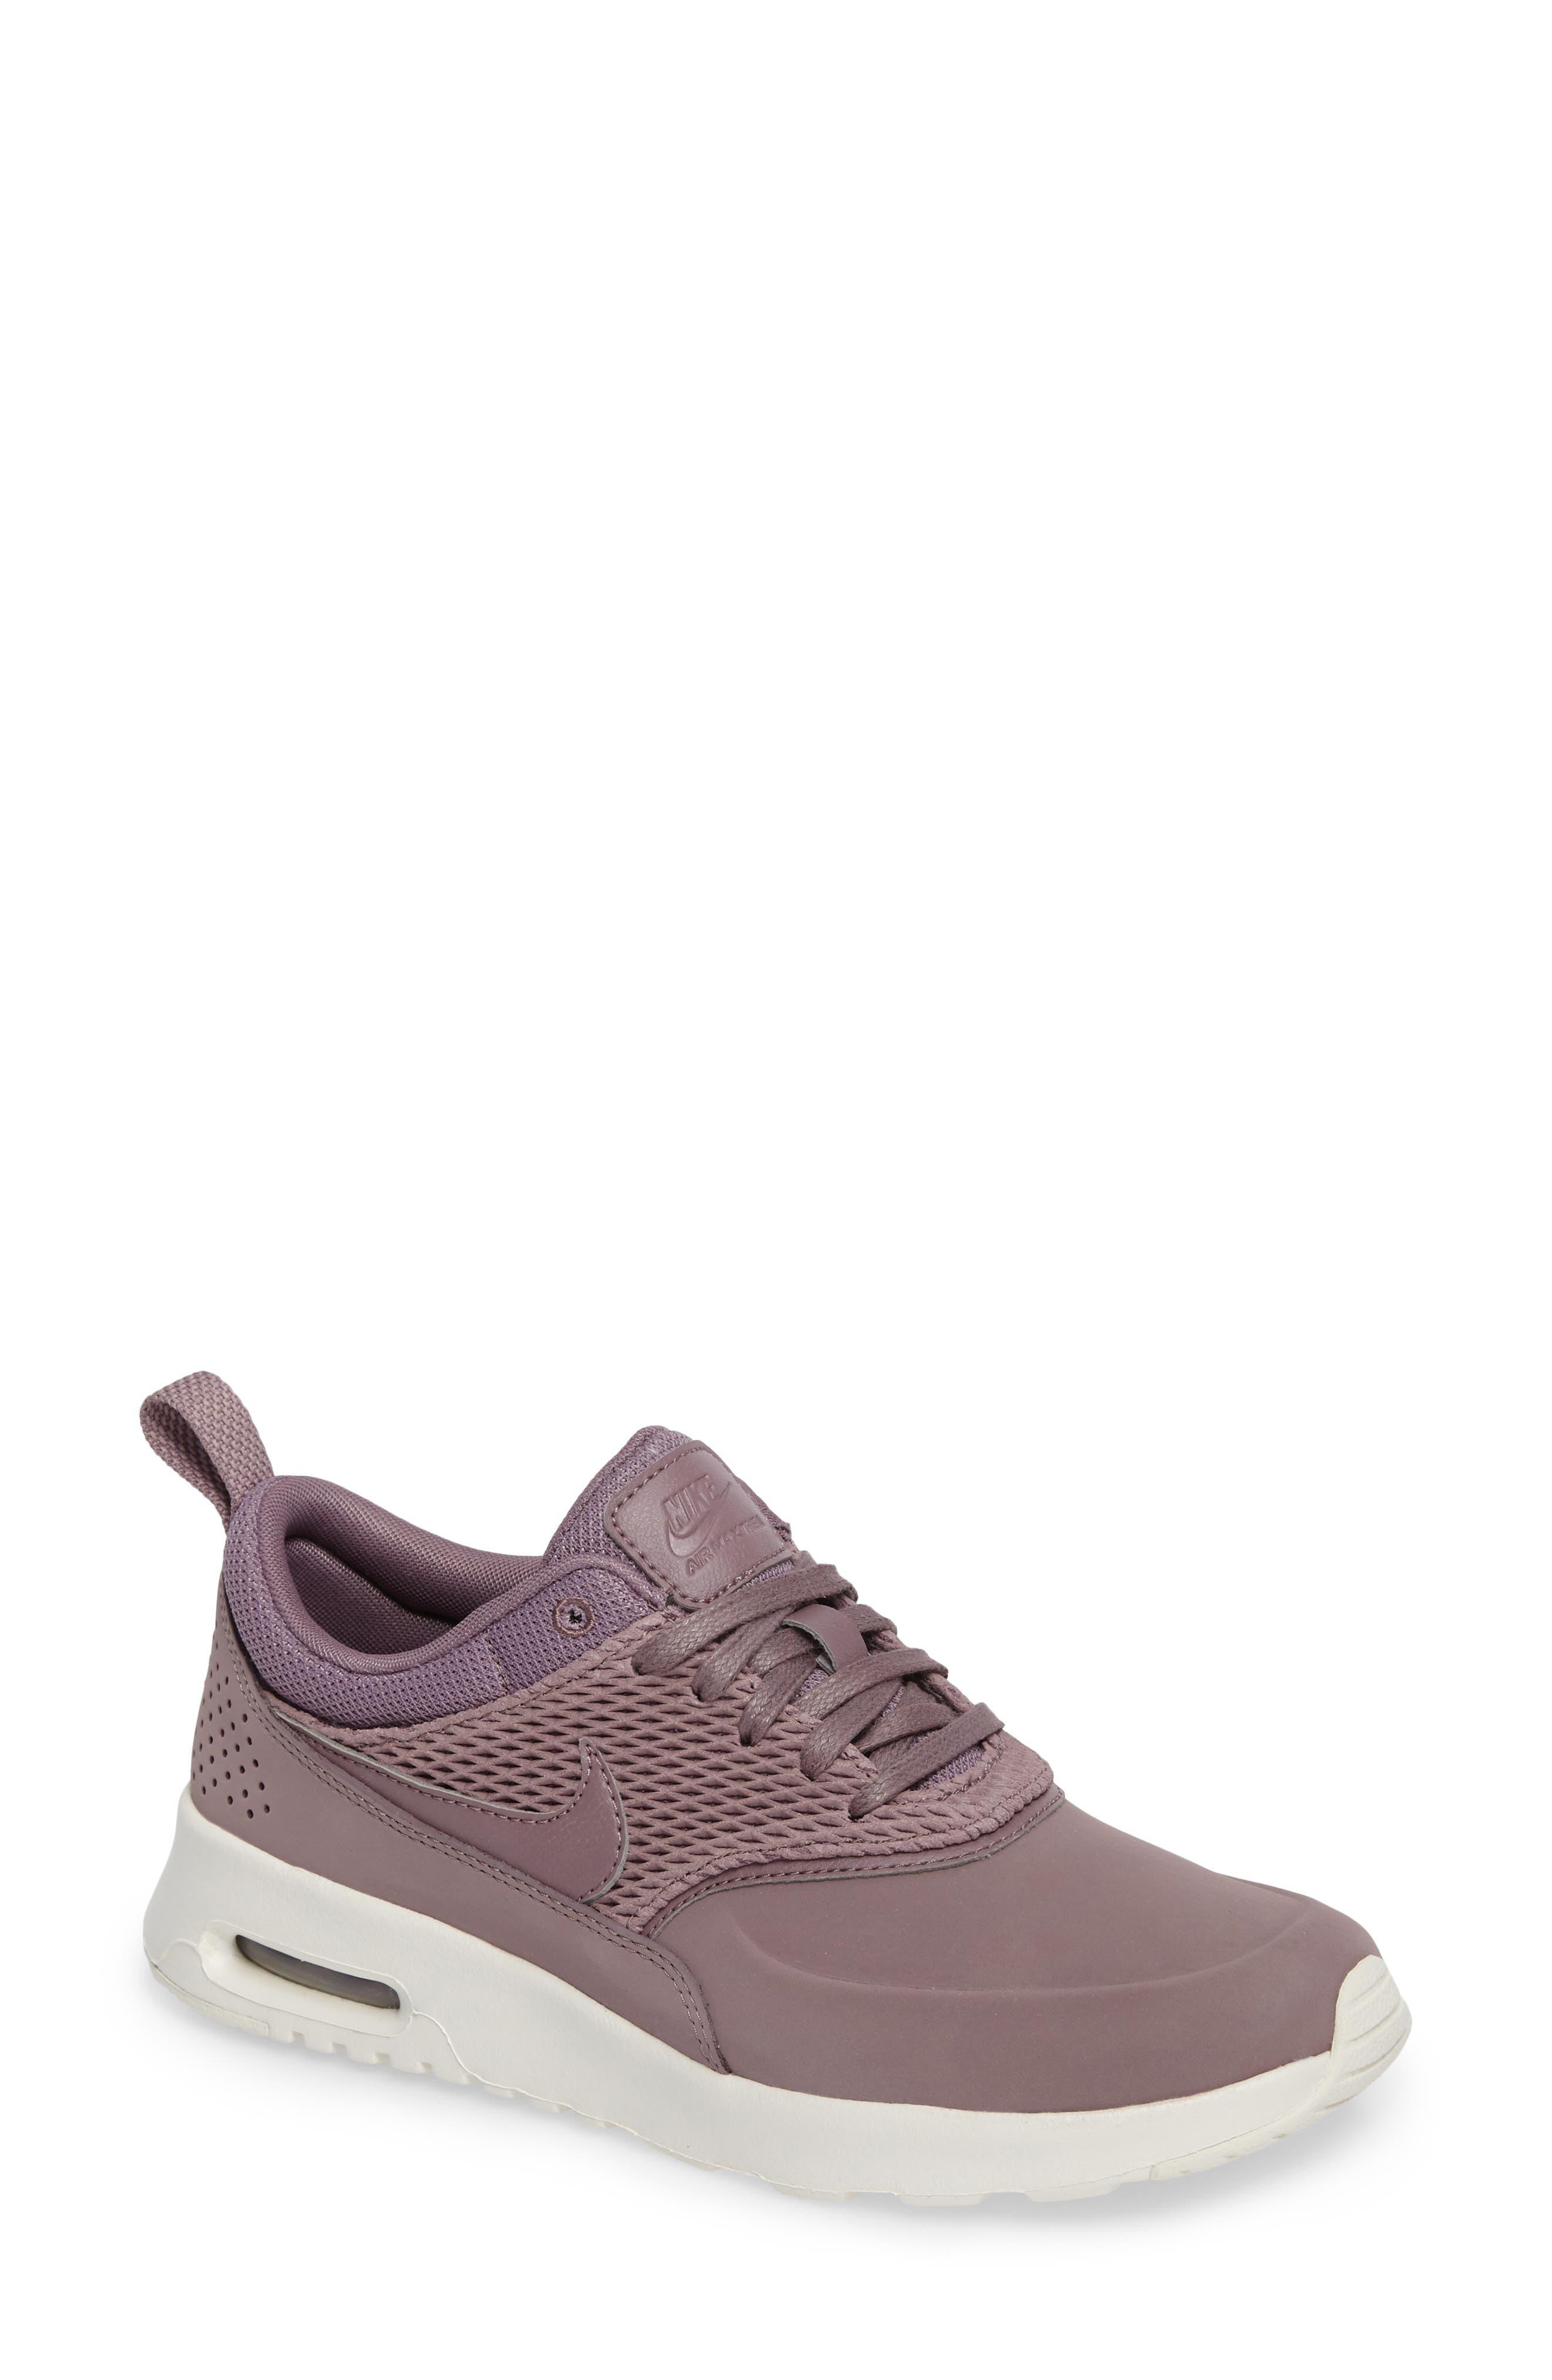 Air Max Thea Premium Sneaker,                         Main,                         color, 025